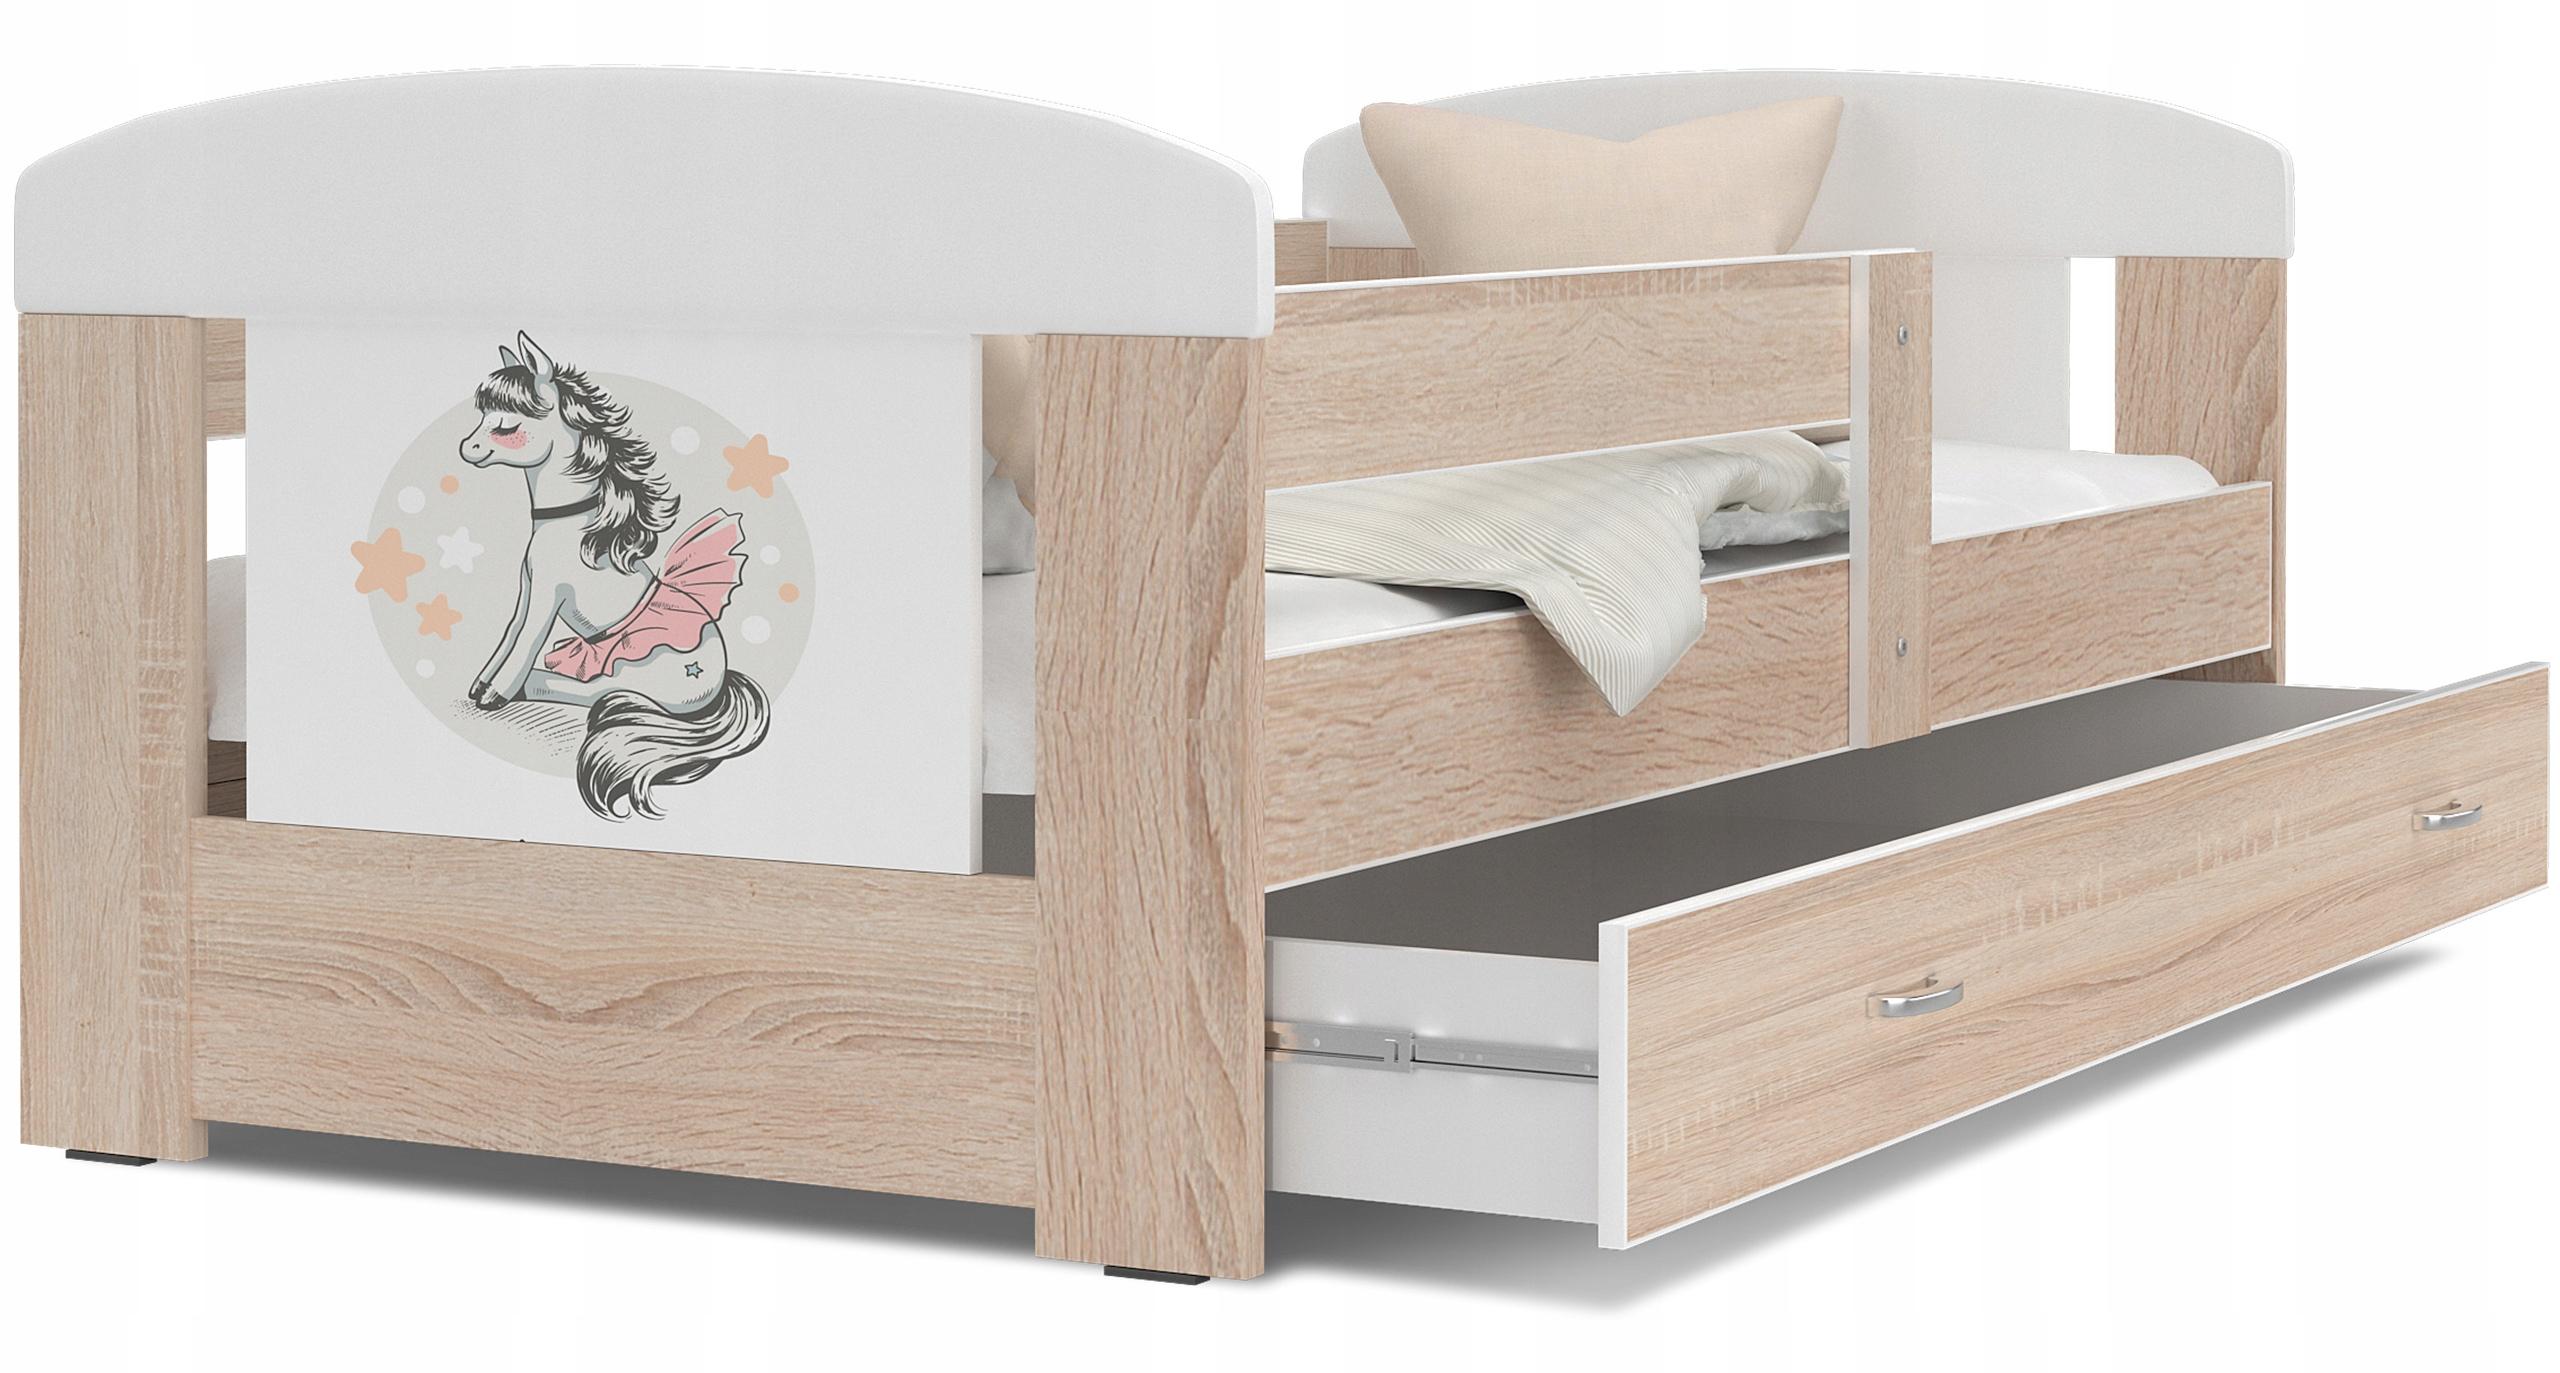 кровать ФИЛИПП COLOR 160x80 + ящик + матрас